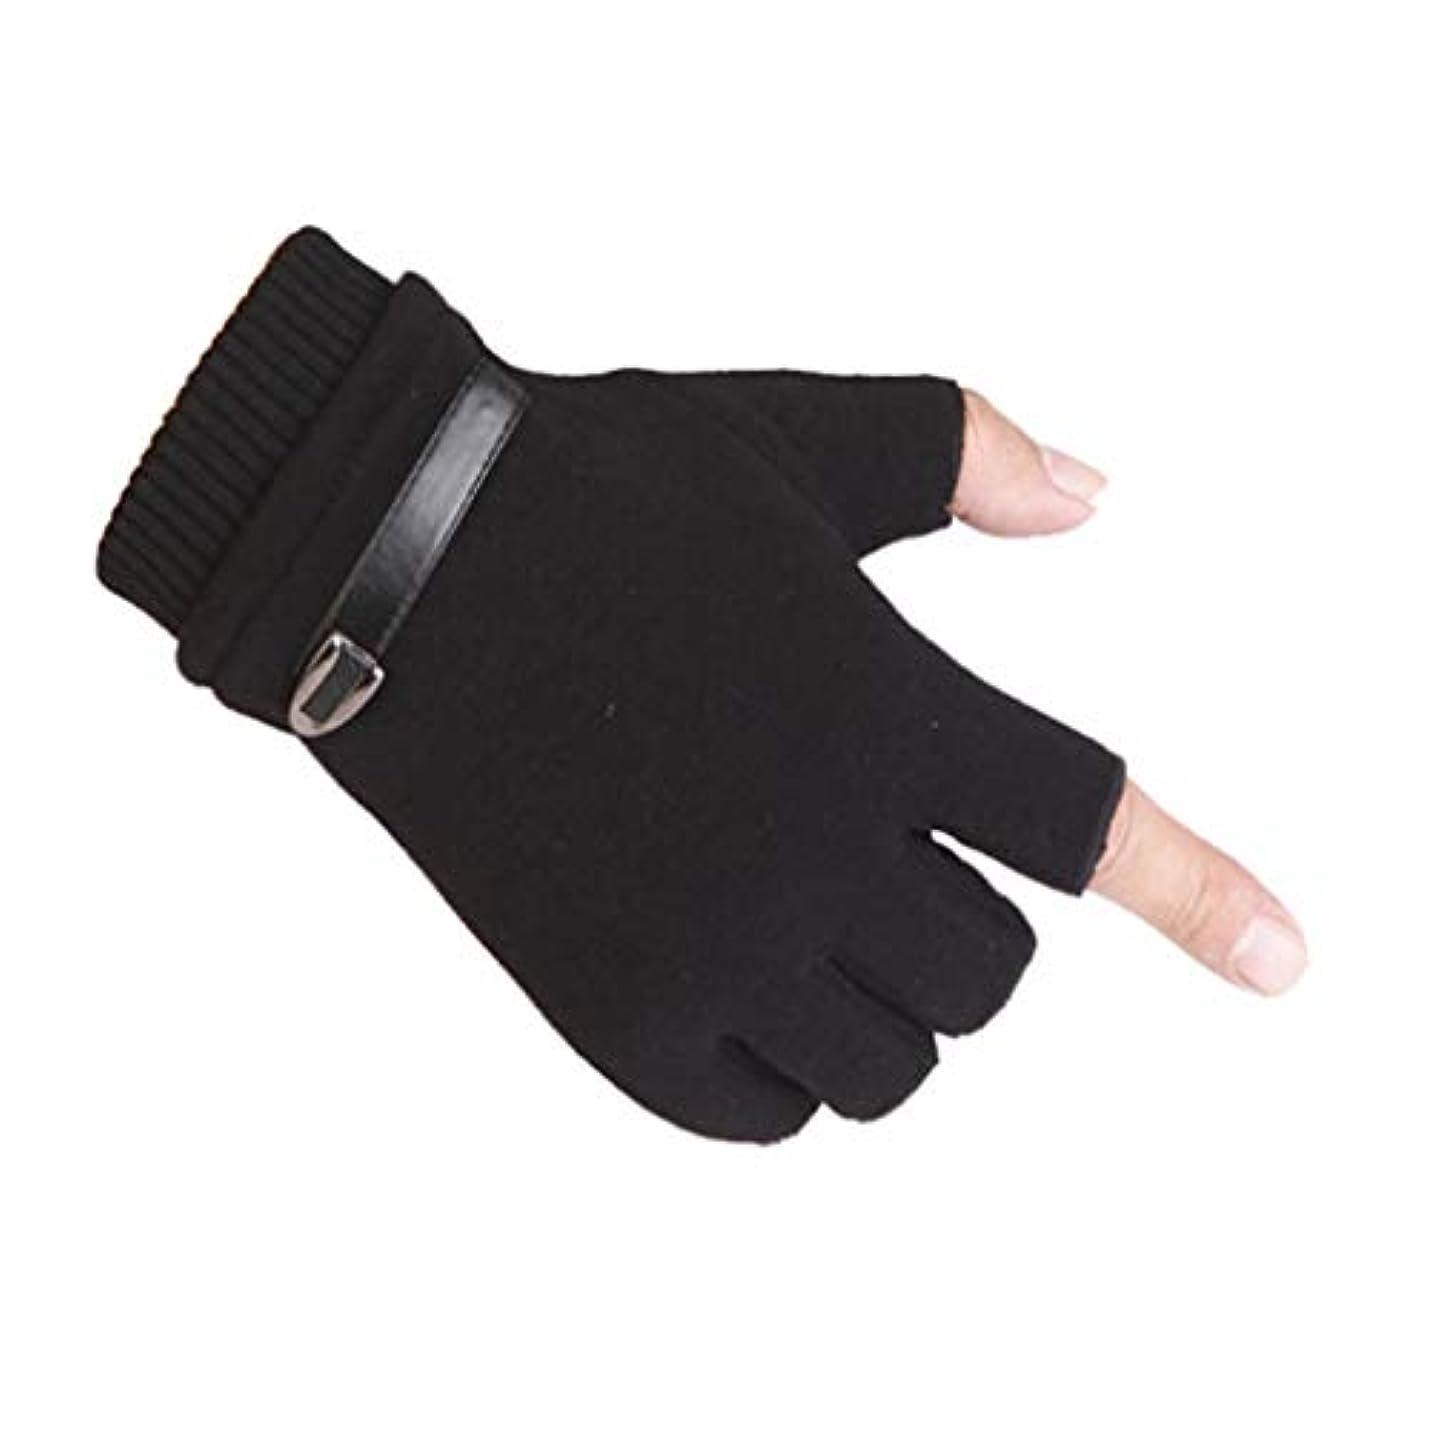 ジェスチャー引く怠けた秋と冬プラスベルベット肥厚ハーフフィンガー手袋男性と女性ベルベット生徒は指を離してカップルの手袋黒の男性モデルに乗ってコンピュータタイピングを書くことではない